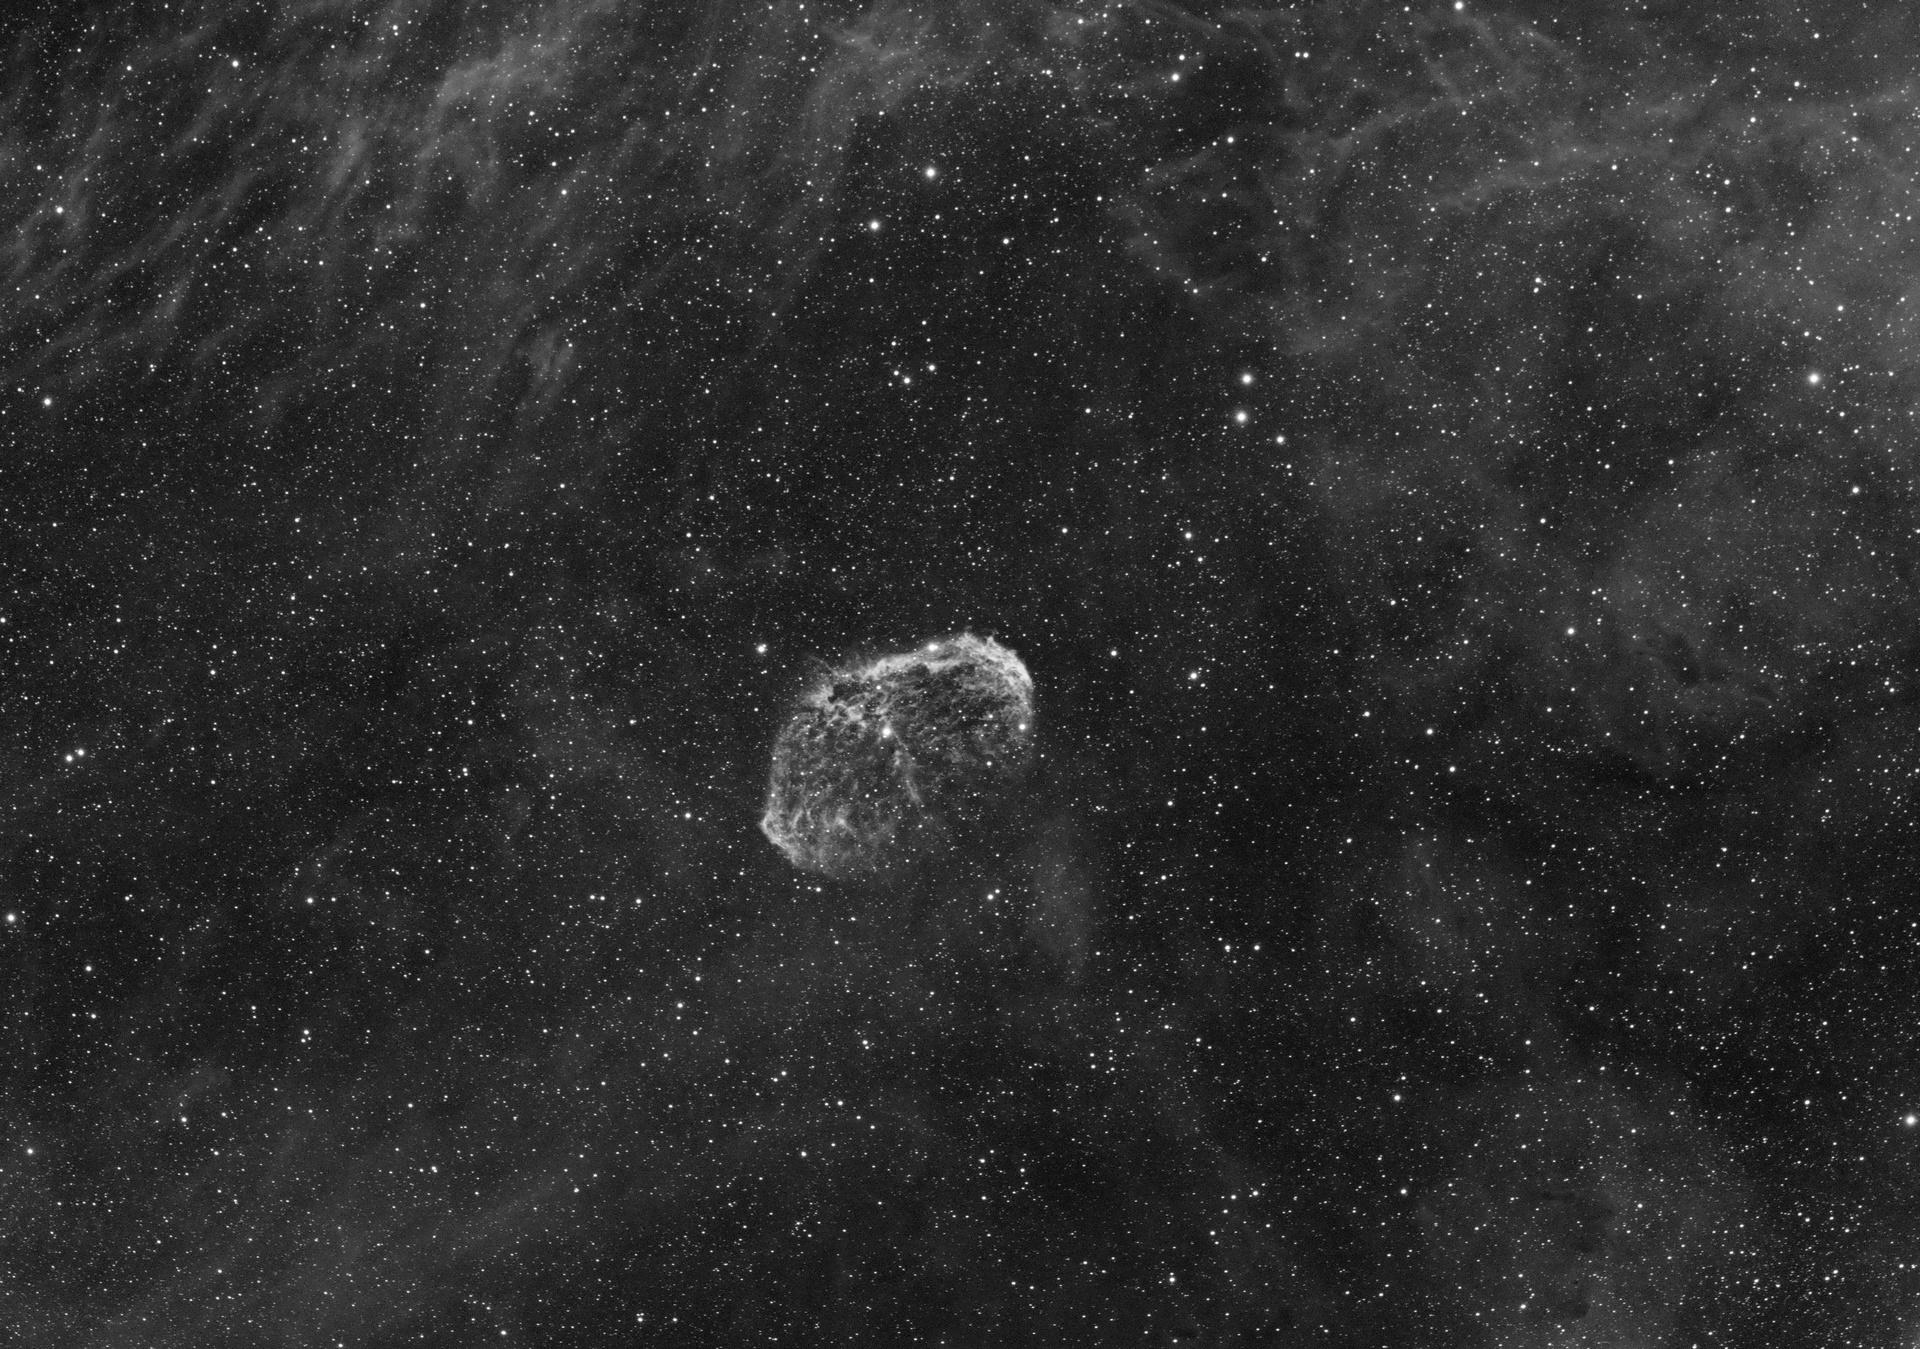 NGC6888_20x90s_gain200_offset60.jpg